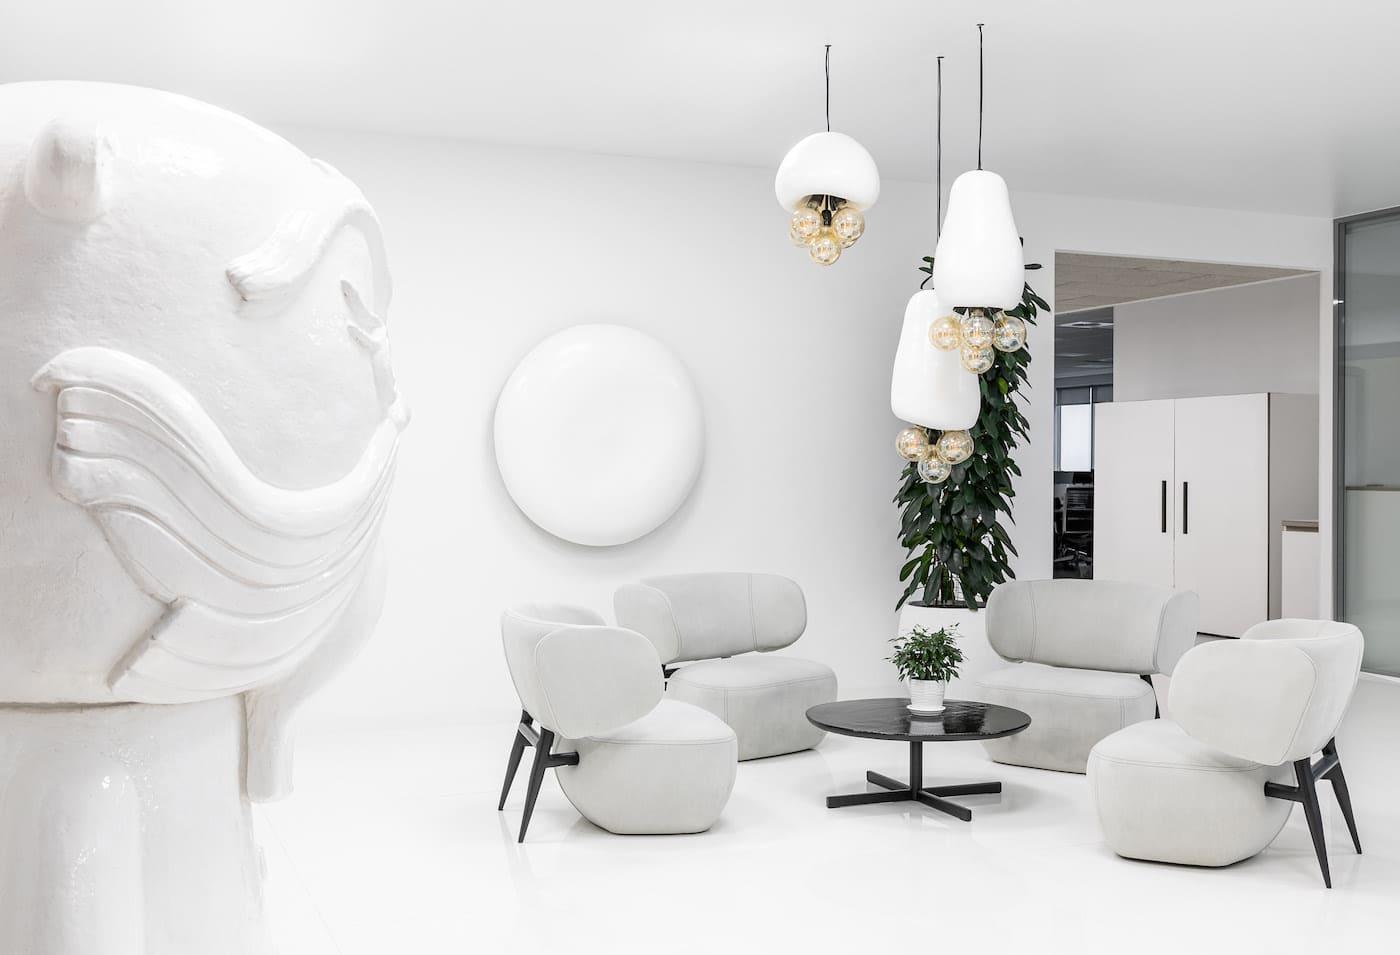 дизайн интерьера гостиной фото 4